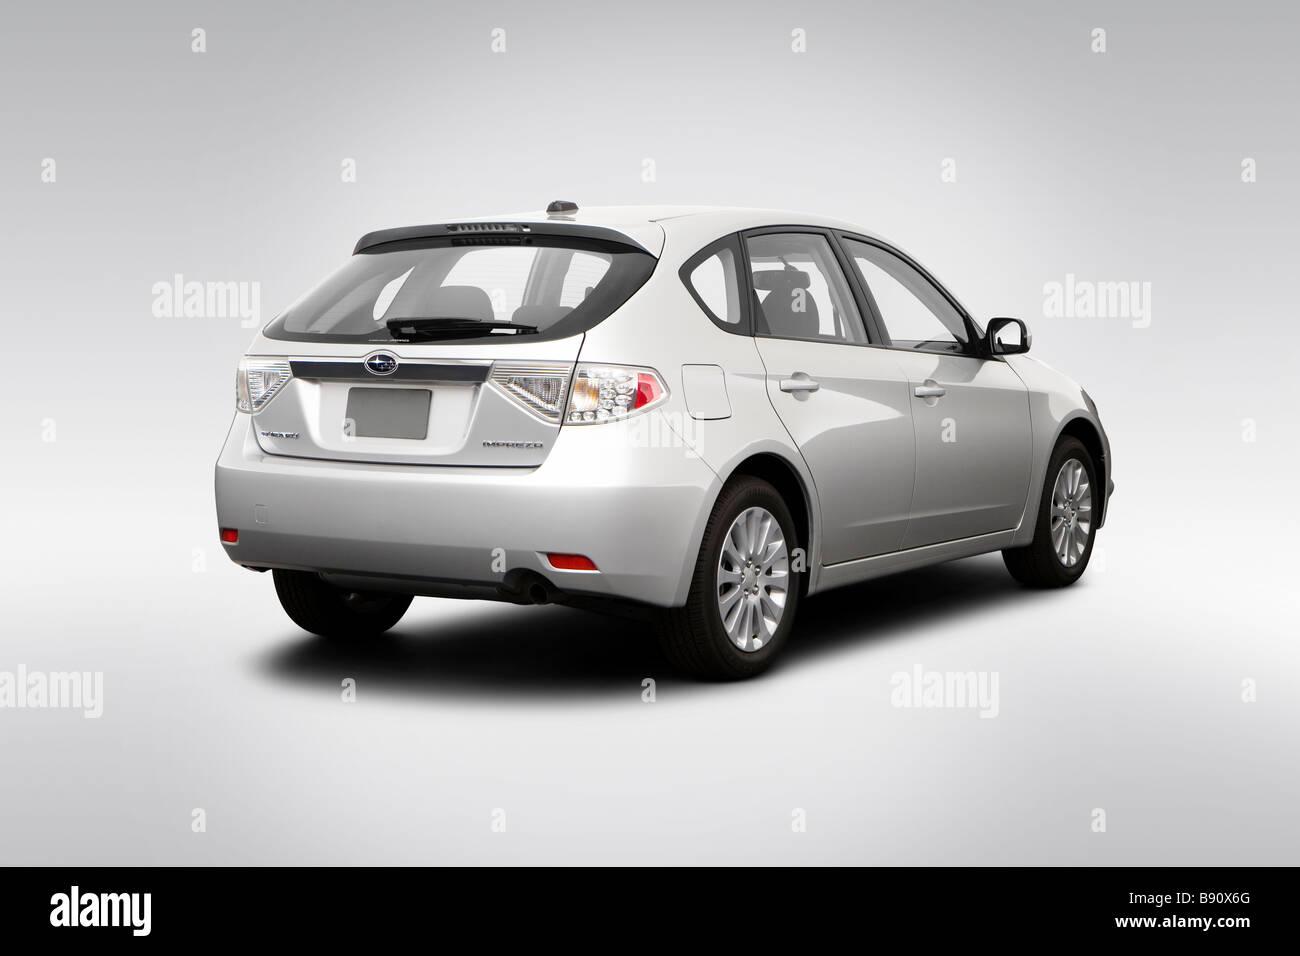 2009 Subaru Impreza 2.5 I >> 2009 Subaru Impreza 2 5i Premium In Silver Rear Angle View